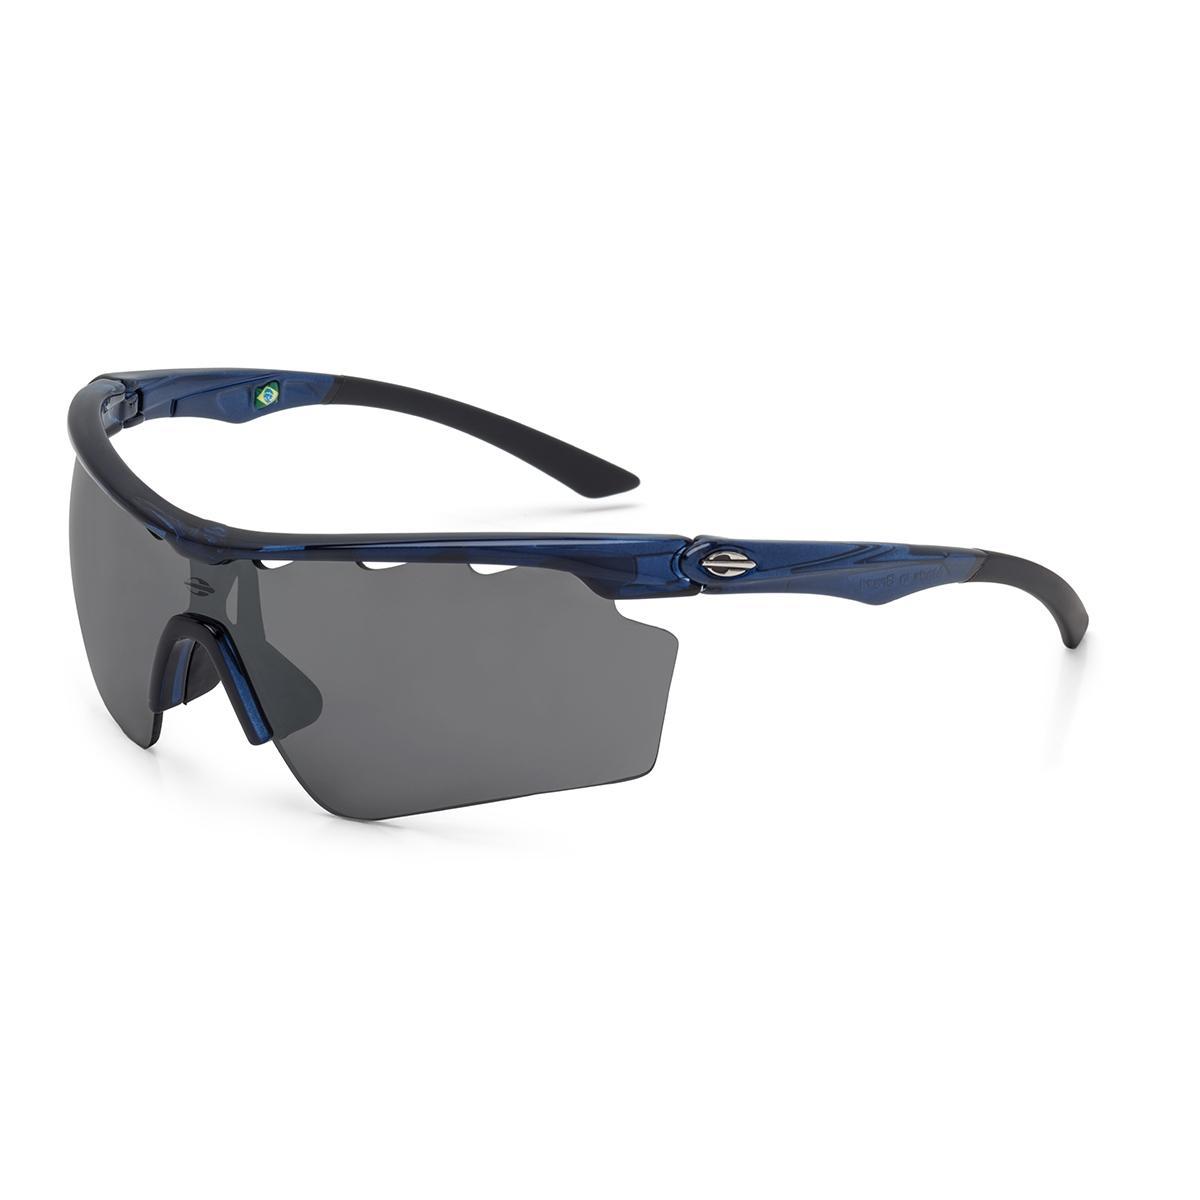 Óculos de Sol Mormaii ATHLON V M0063 K71 09 Azul Lente Espelhada Prata Tam  132 R  279,99 à vista. Adicionar à sacola 74fbc32c63